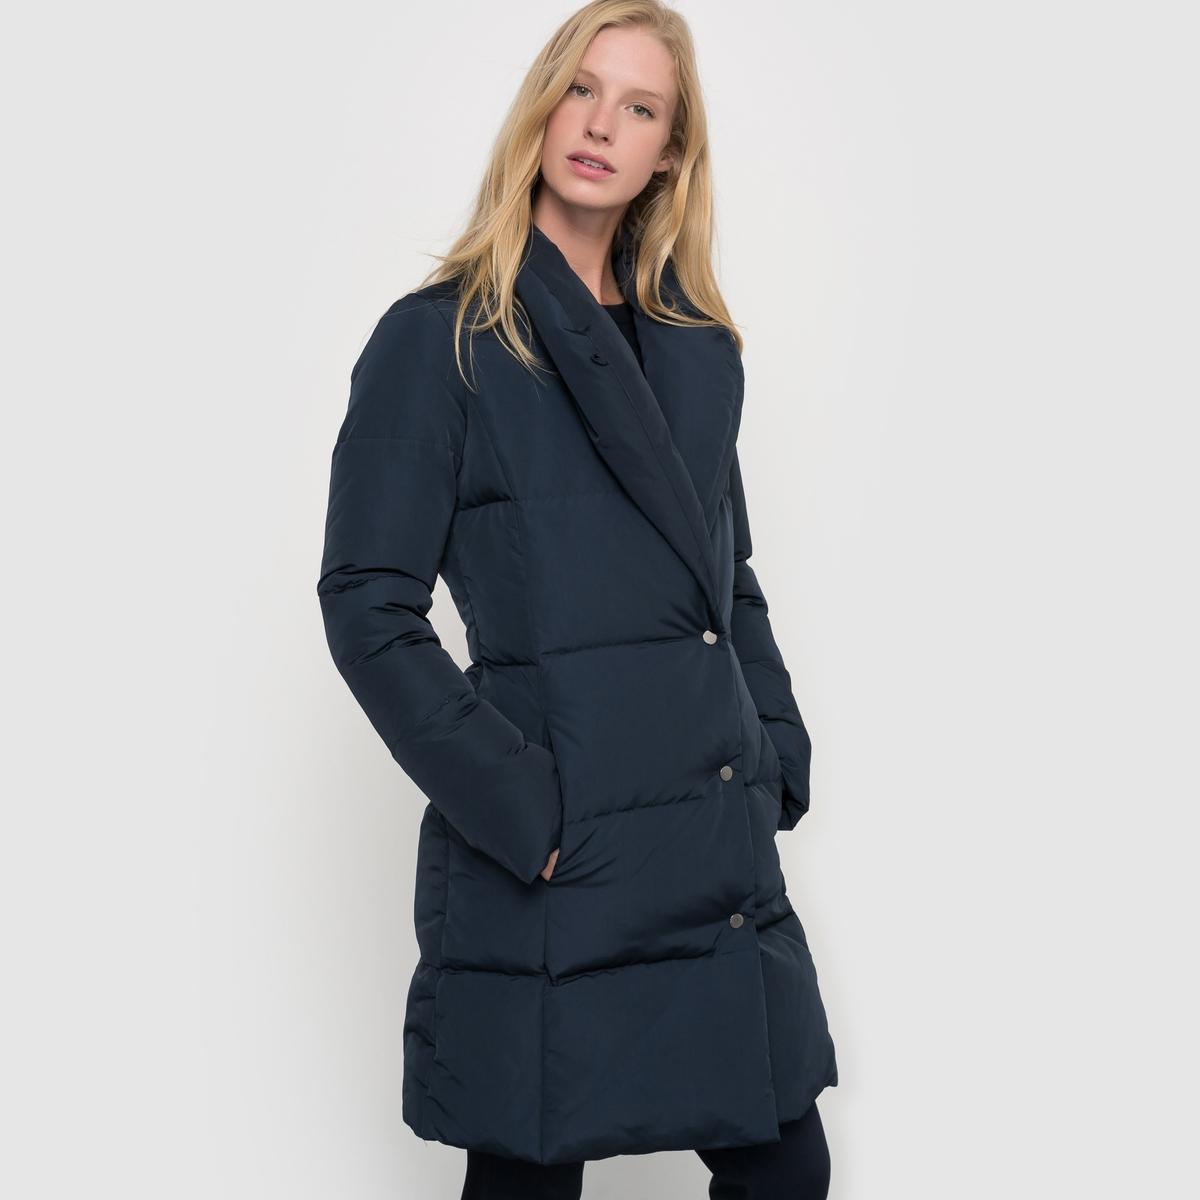 Куртка стеганая длинная с шалевым воротникомДлинная стеганая куртка. Большой шалевый воротник. Застежка на кнопки. 2 кармана по бокам. Состав и описание : Материал 100% полиэстер, наполнитель 70% пух, 30% пероПодкладка: 100% полиэстер.   Длина:  90 см.Marque               Atelier RУход :Машинная стирка при 30° с вещами схожих цветов или сухая чистка.Стирать, предварительно вывернув изделие наизнанку..Не гладить.<br><br>Цвет: темно-синий,черный